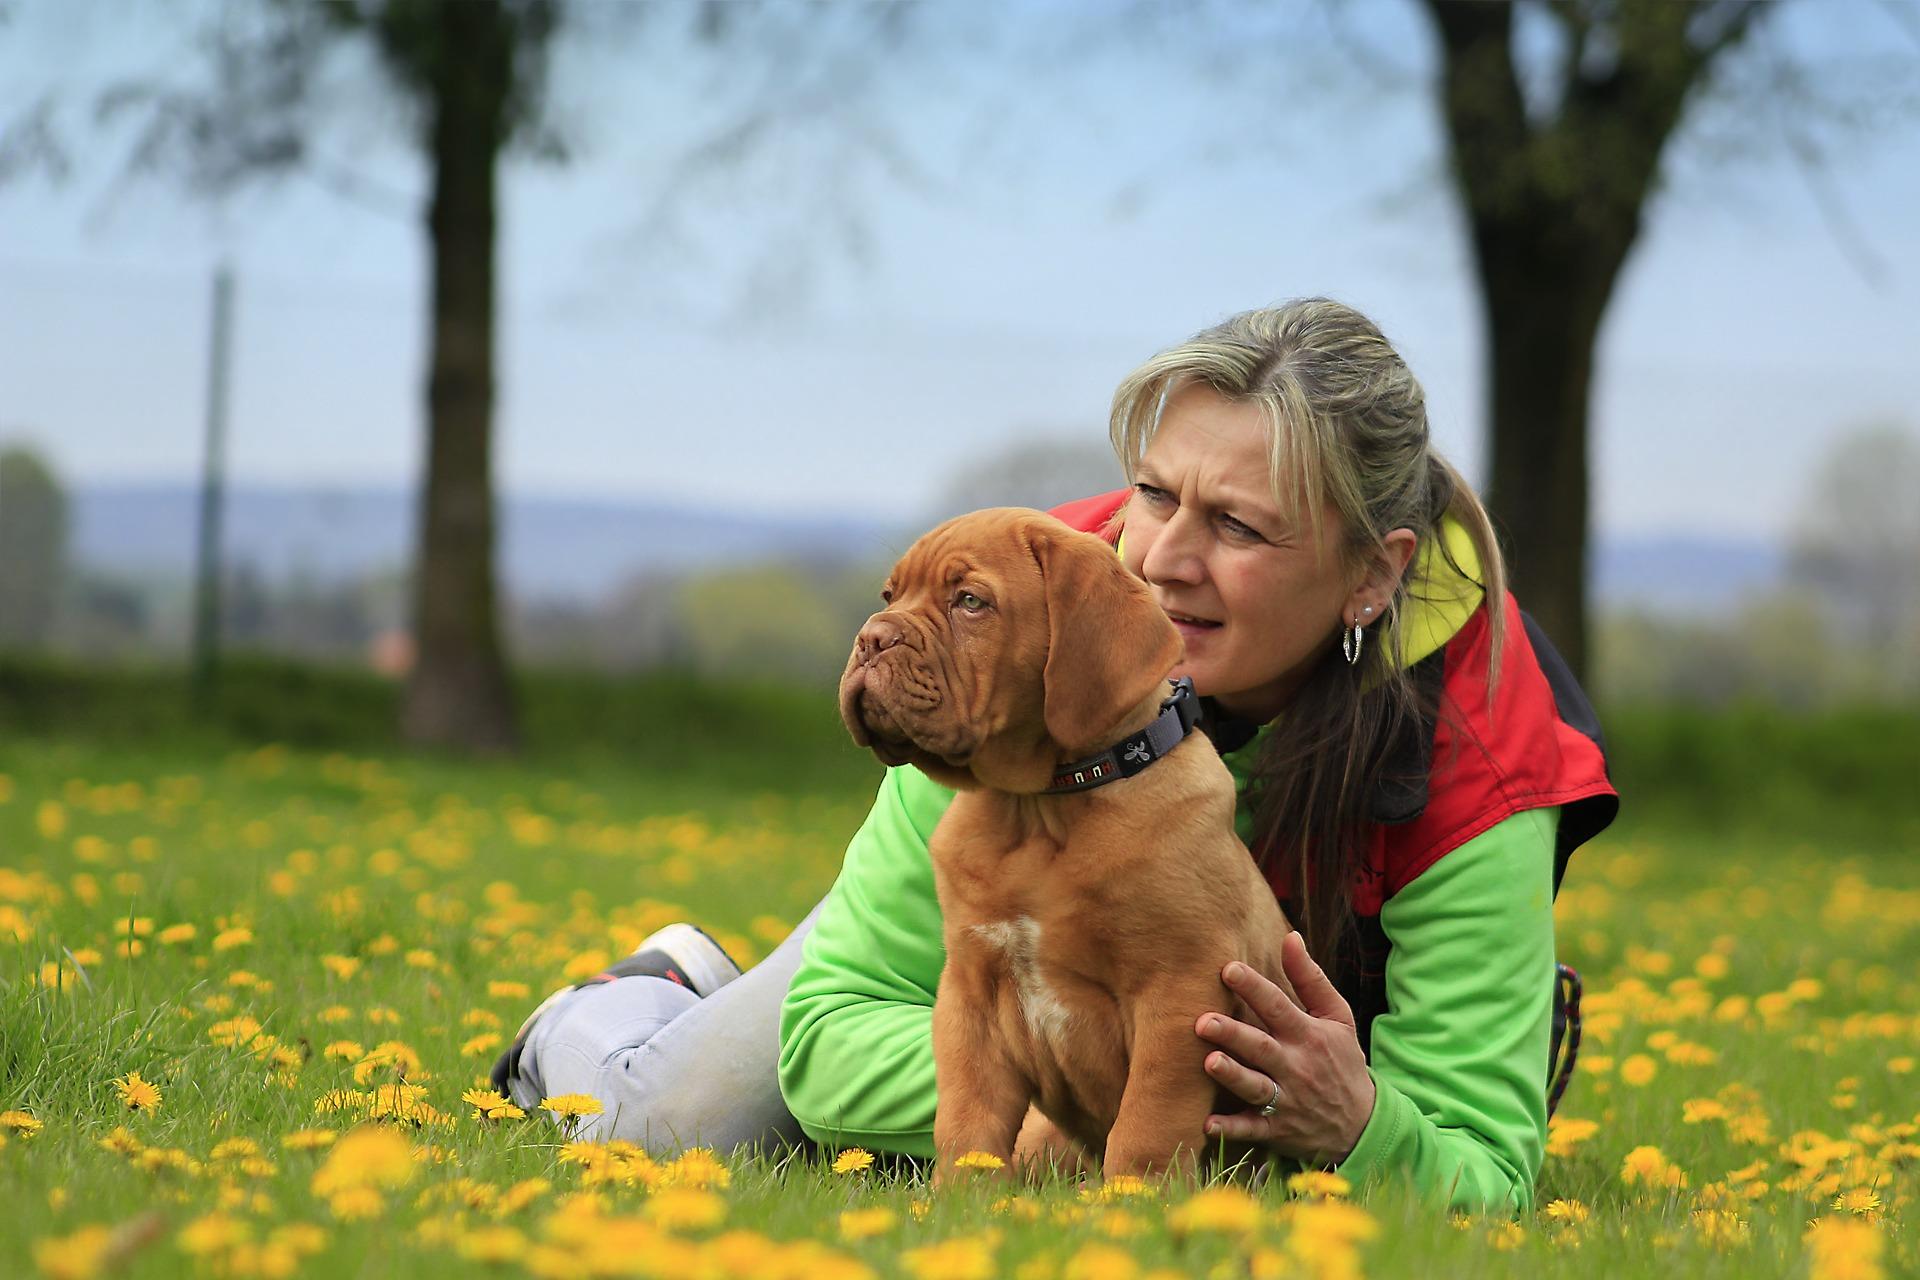 Projednávaný návrh zákona o některých právech osob se zdravotním postižením, které využívají doprovodu psa se speciálním výcvikem